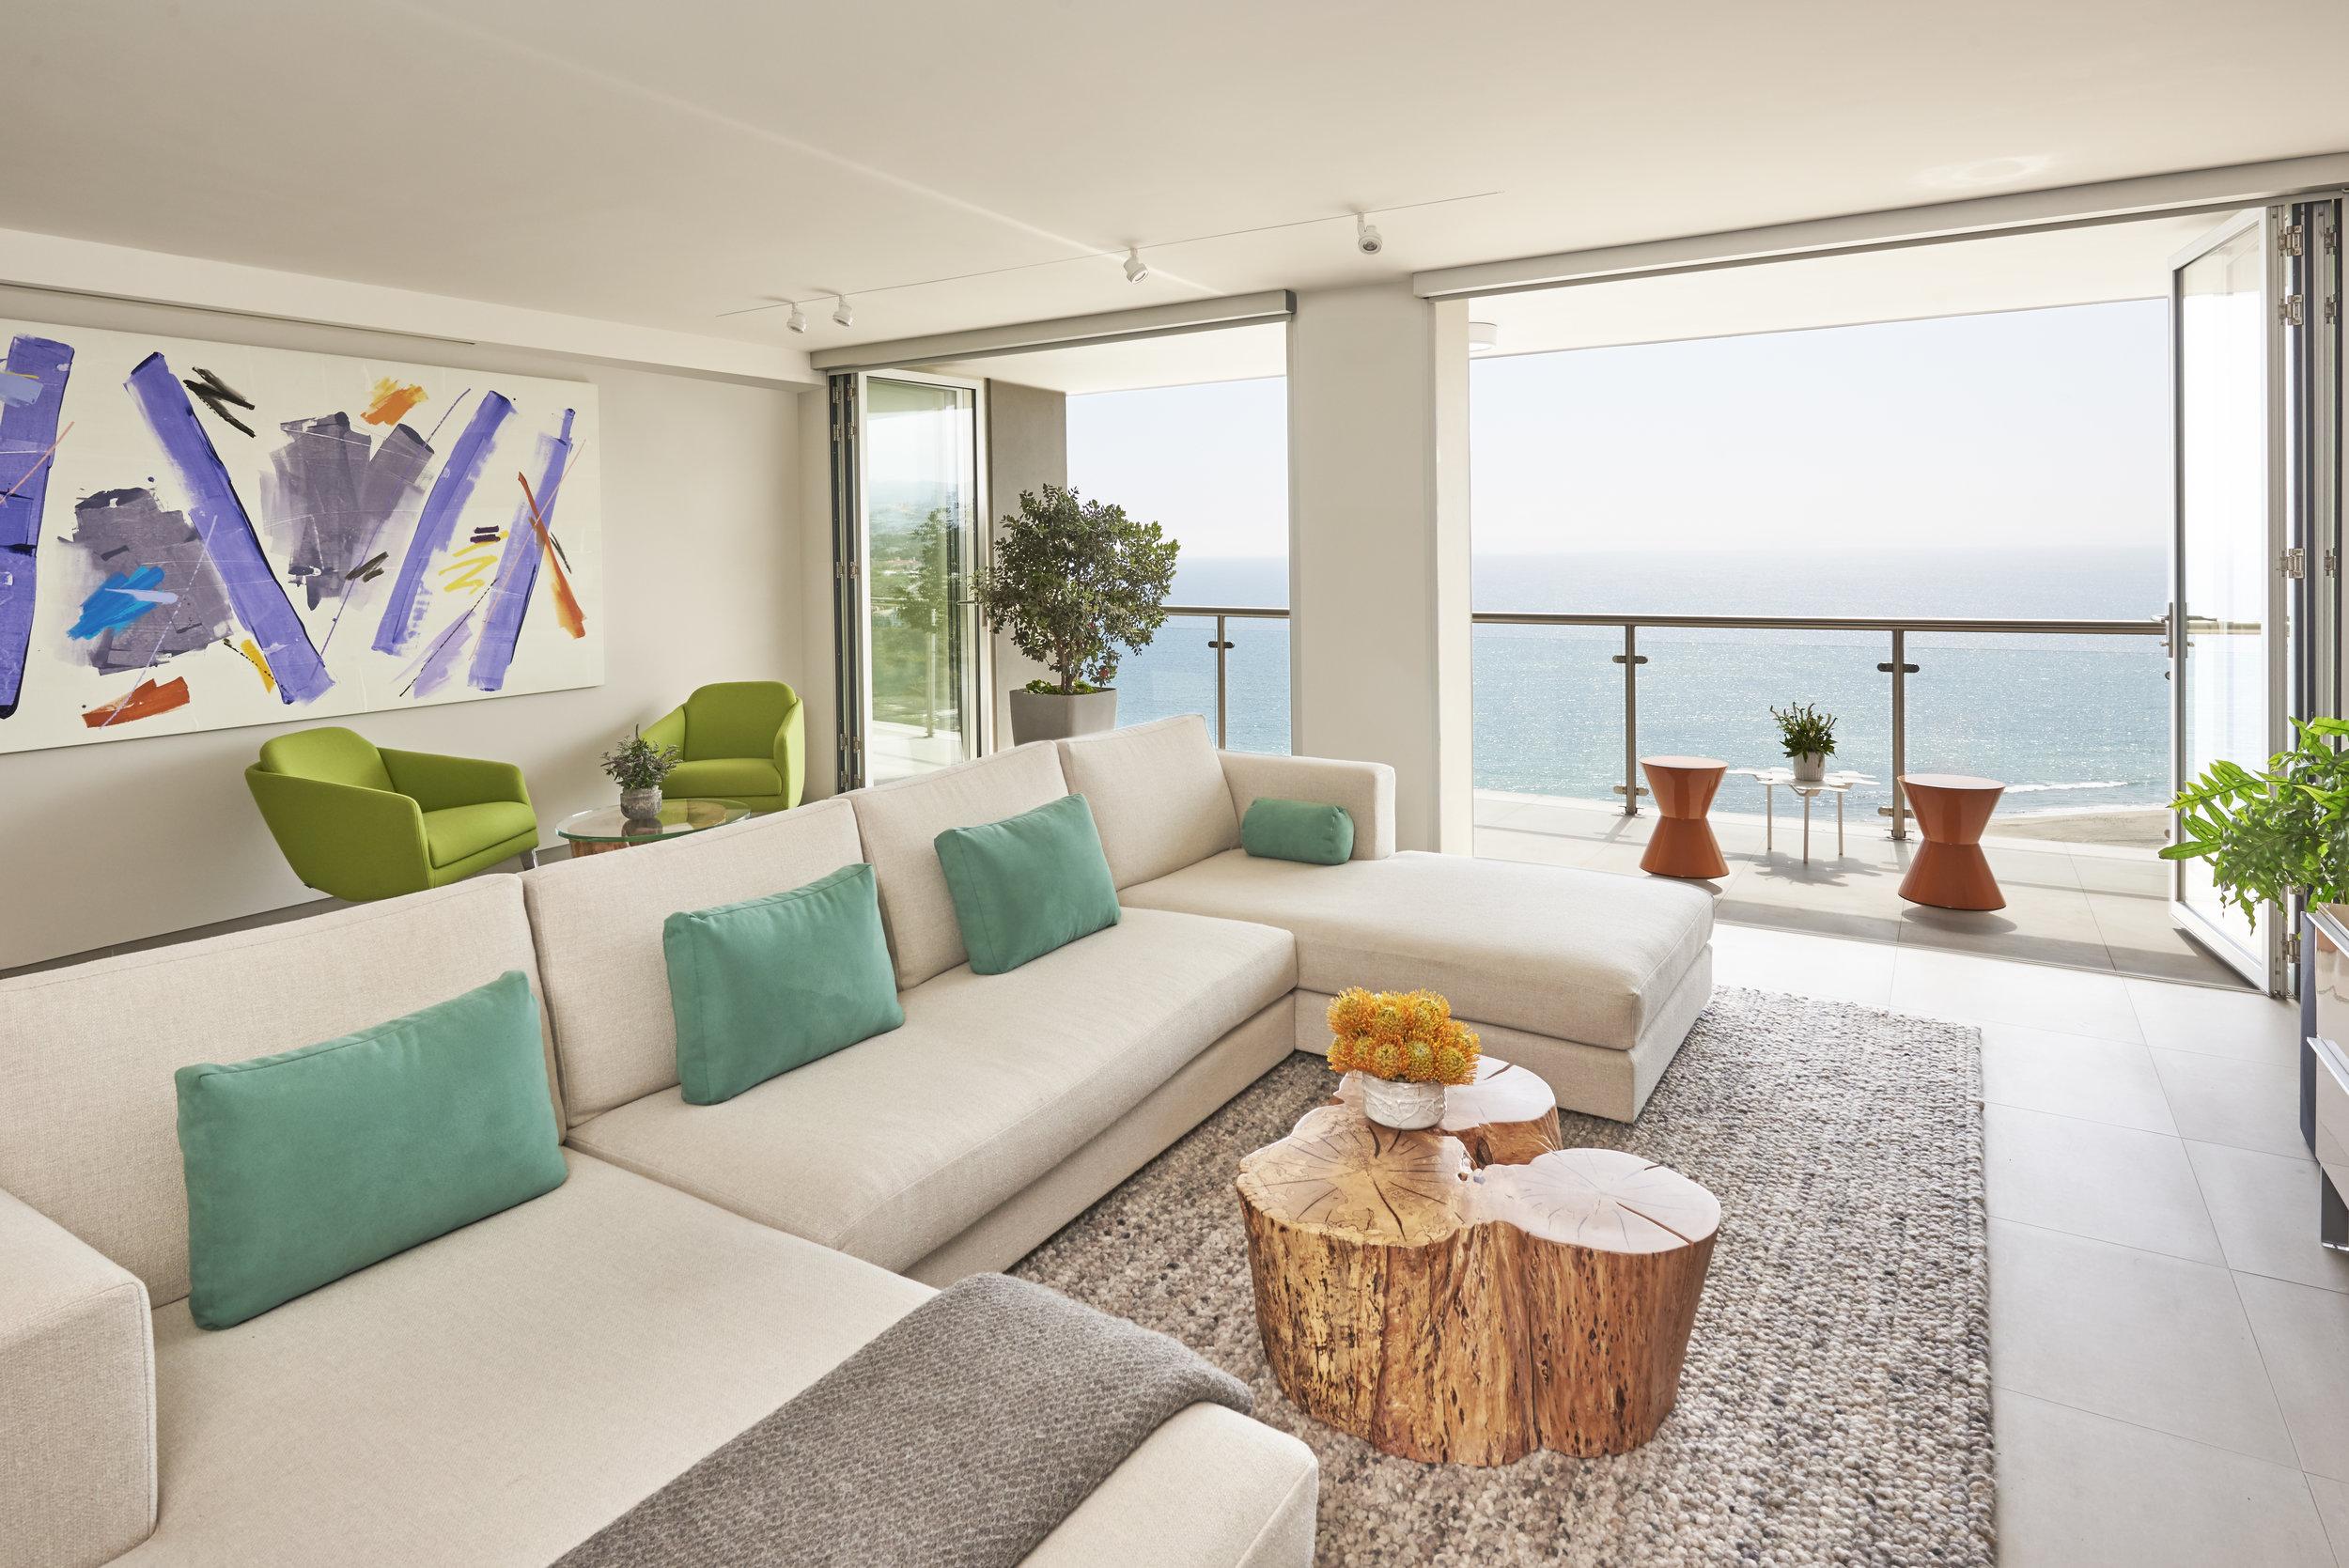 Interior Design: Sarah Barnard, Artwork: Milly Ristvedt, Renae Barnard, Abby Sin, Photos: Steven Dewall